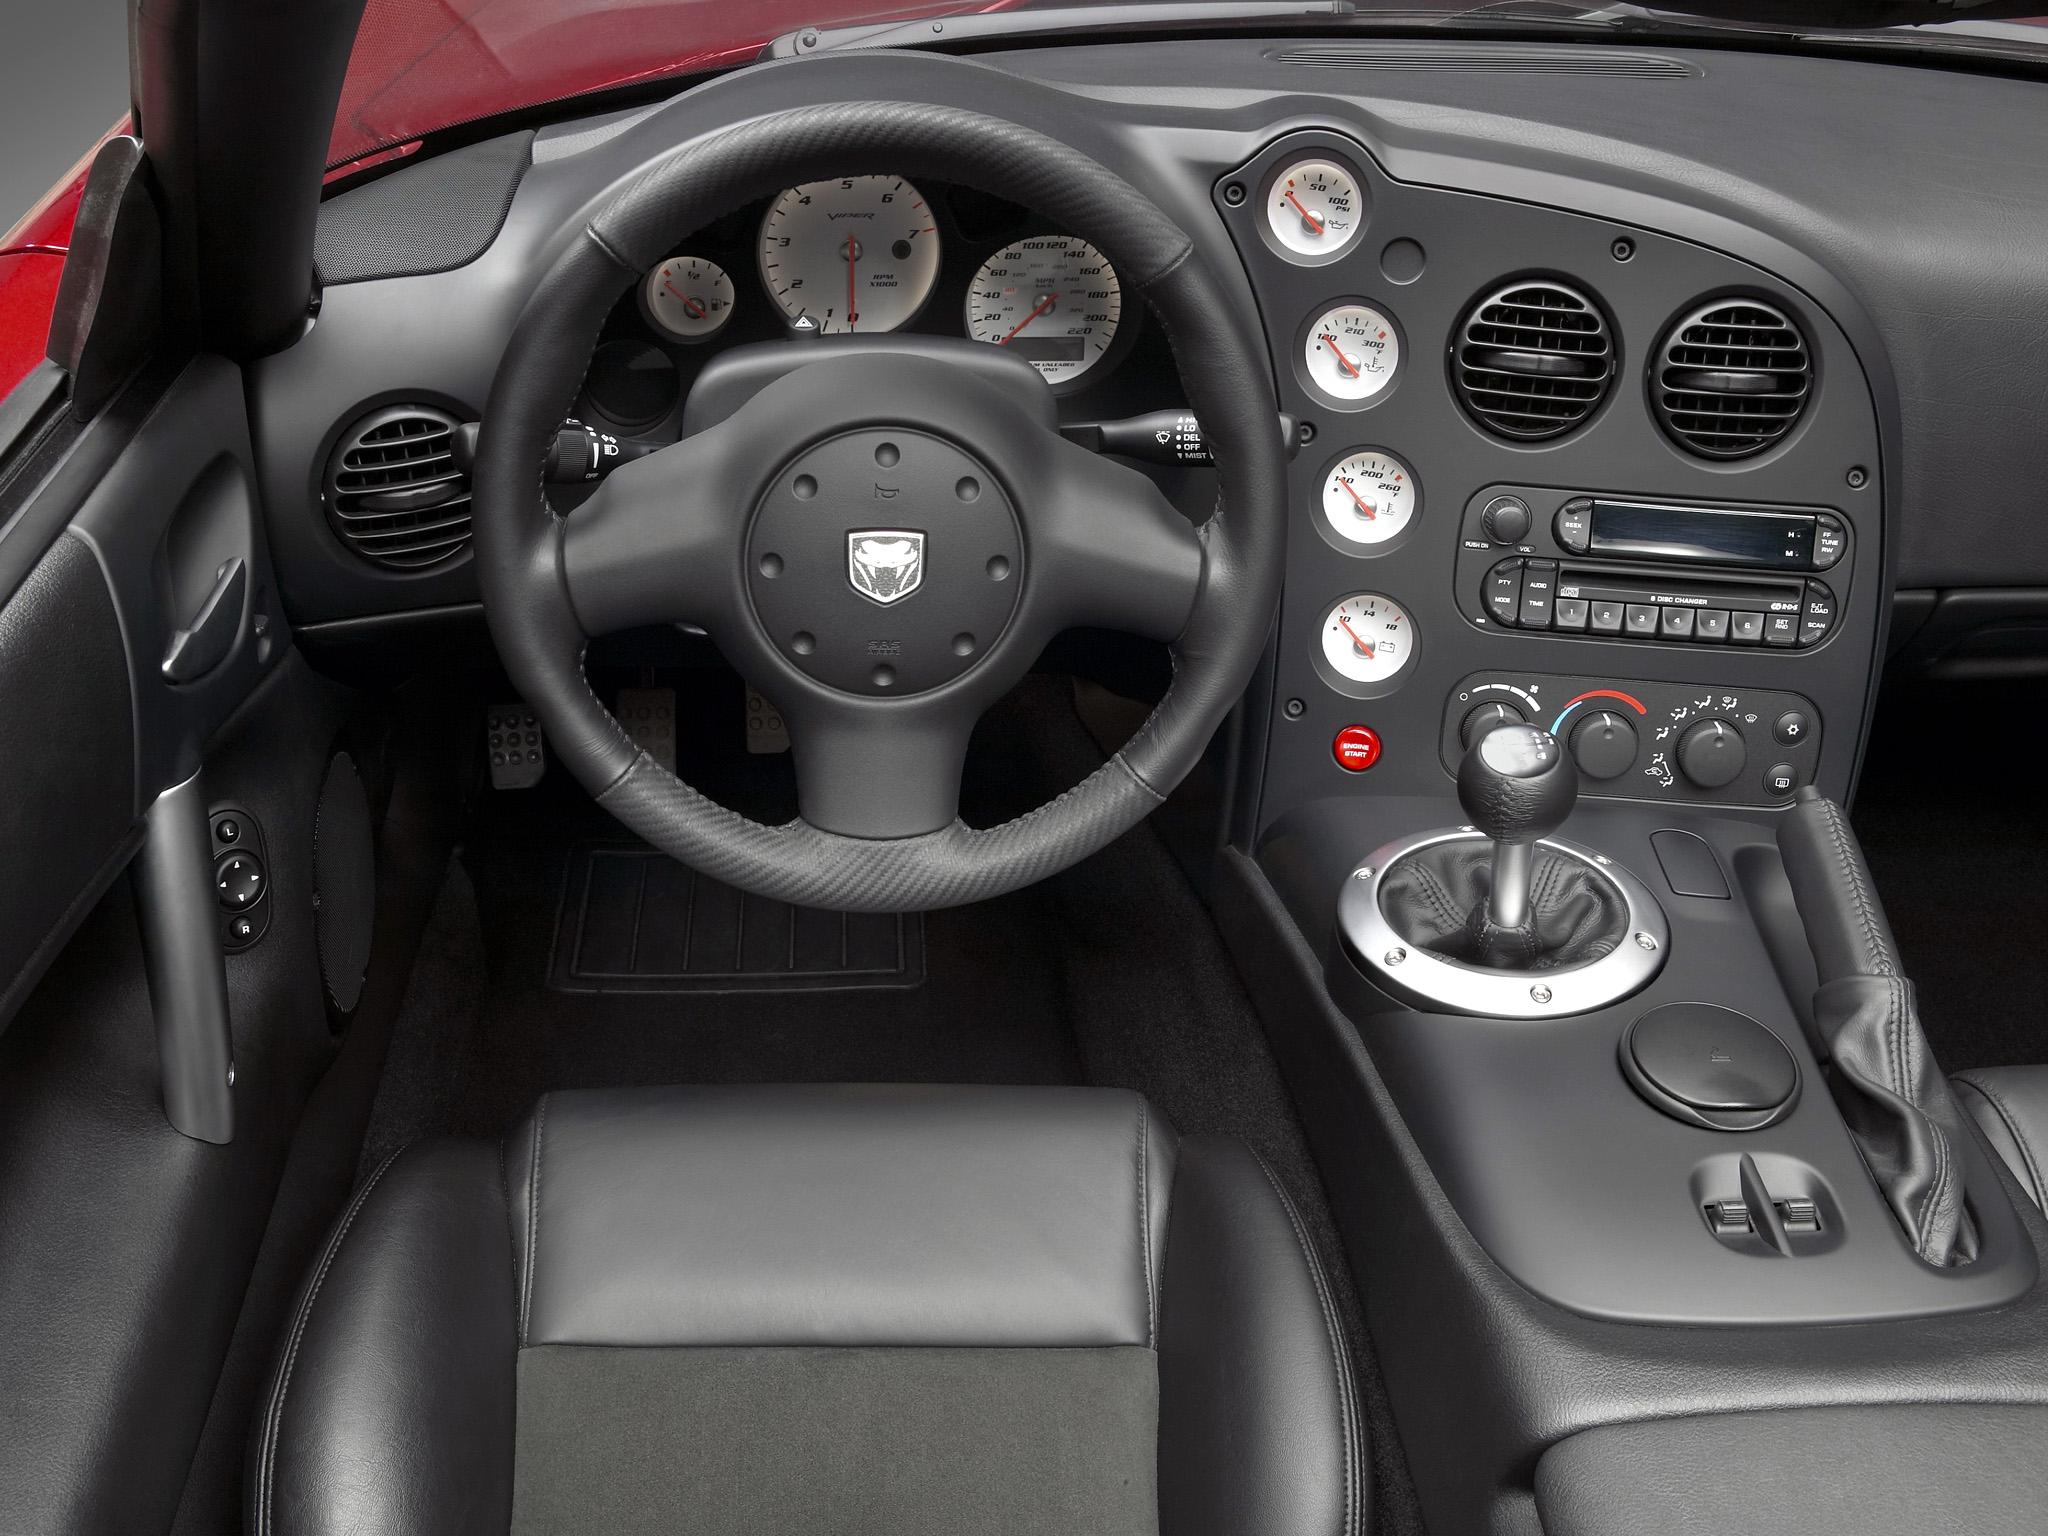 Скачать изображение Dodge, Viper, авто, машины, автомобили скачать